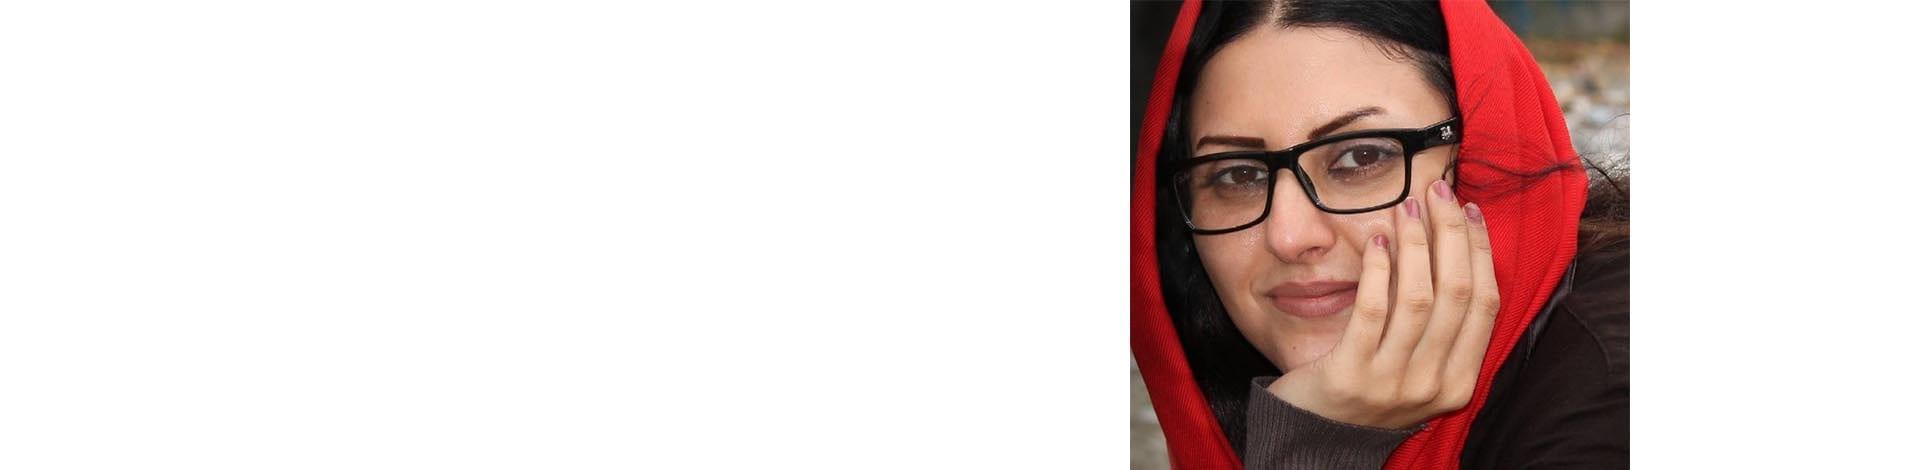 Die Menschenrechtsaktivistin Golrokh Iraee ist wieder im Gefängnis